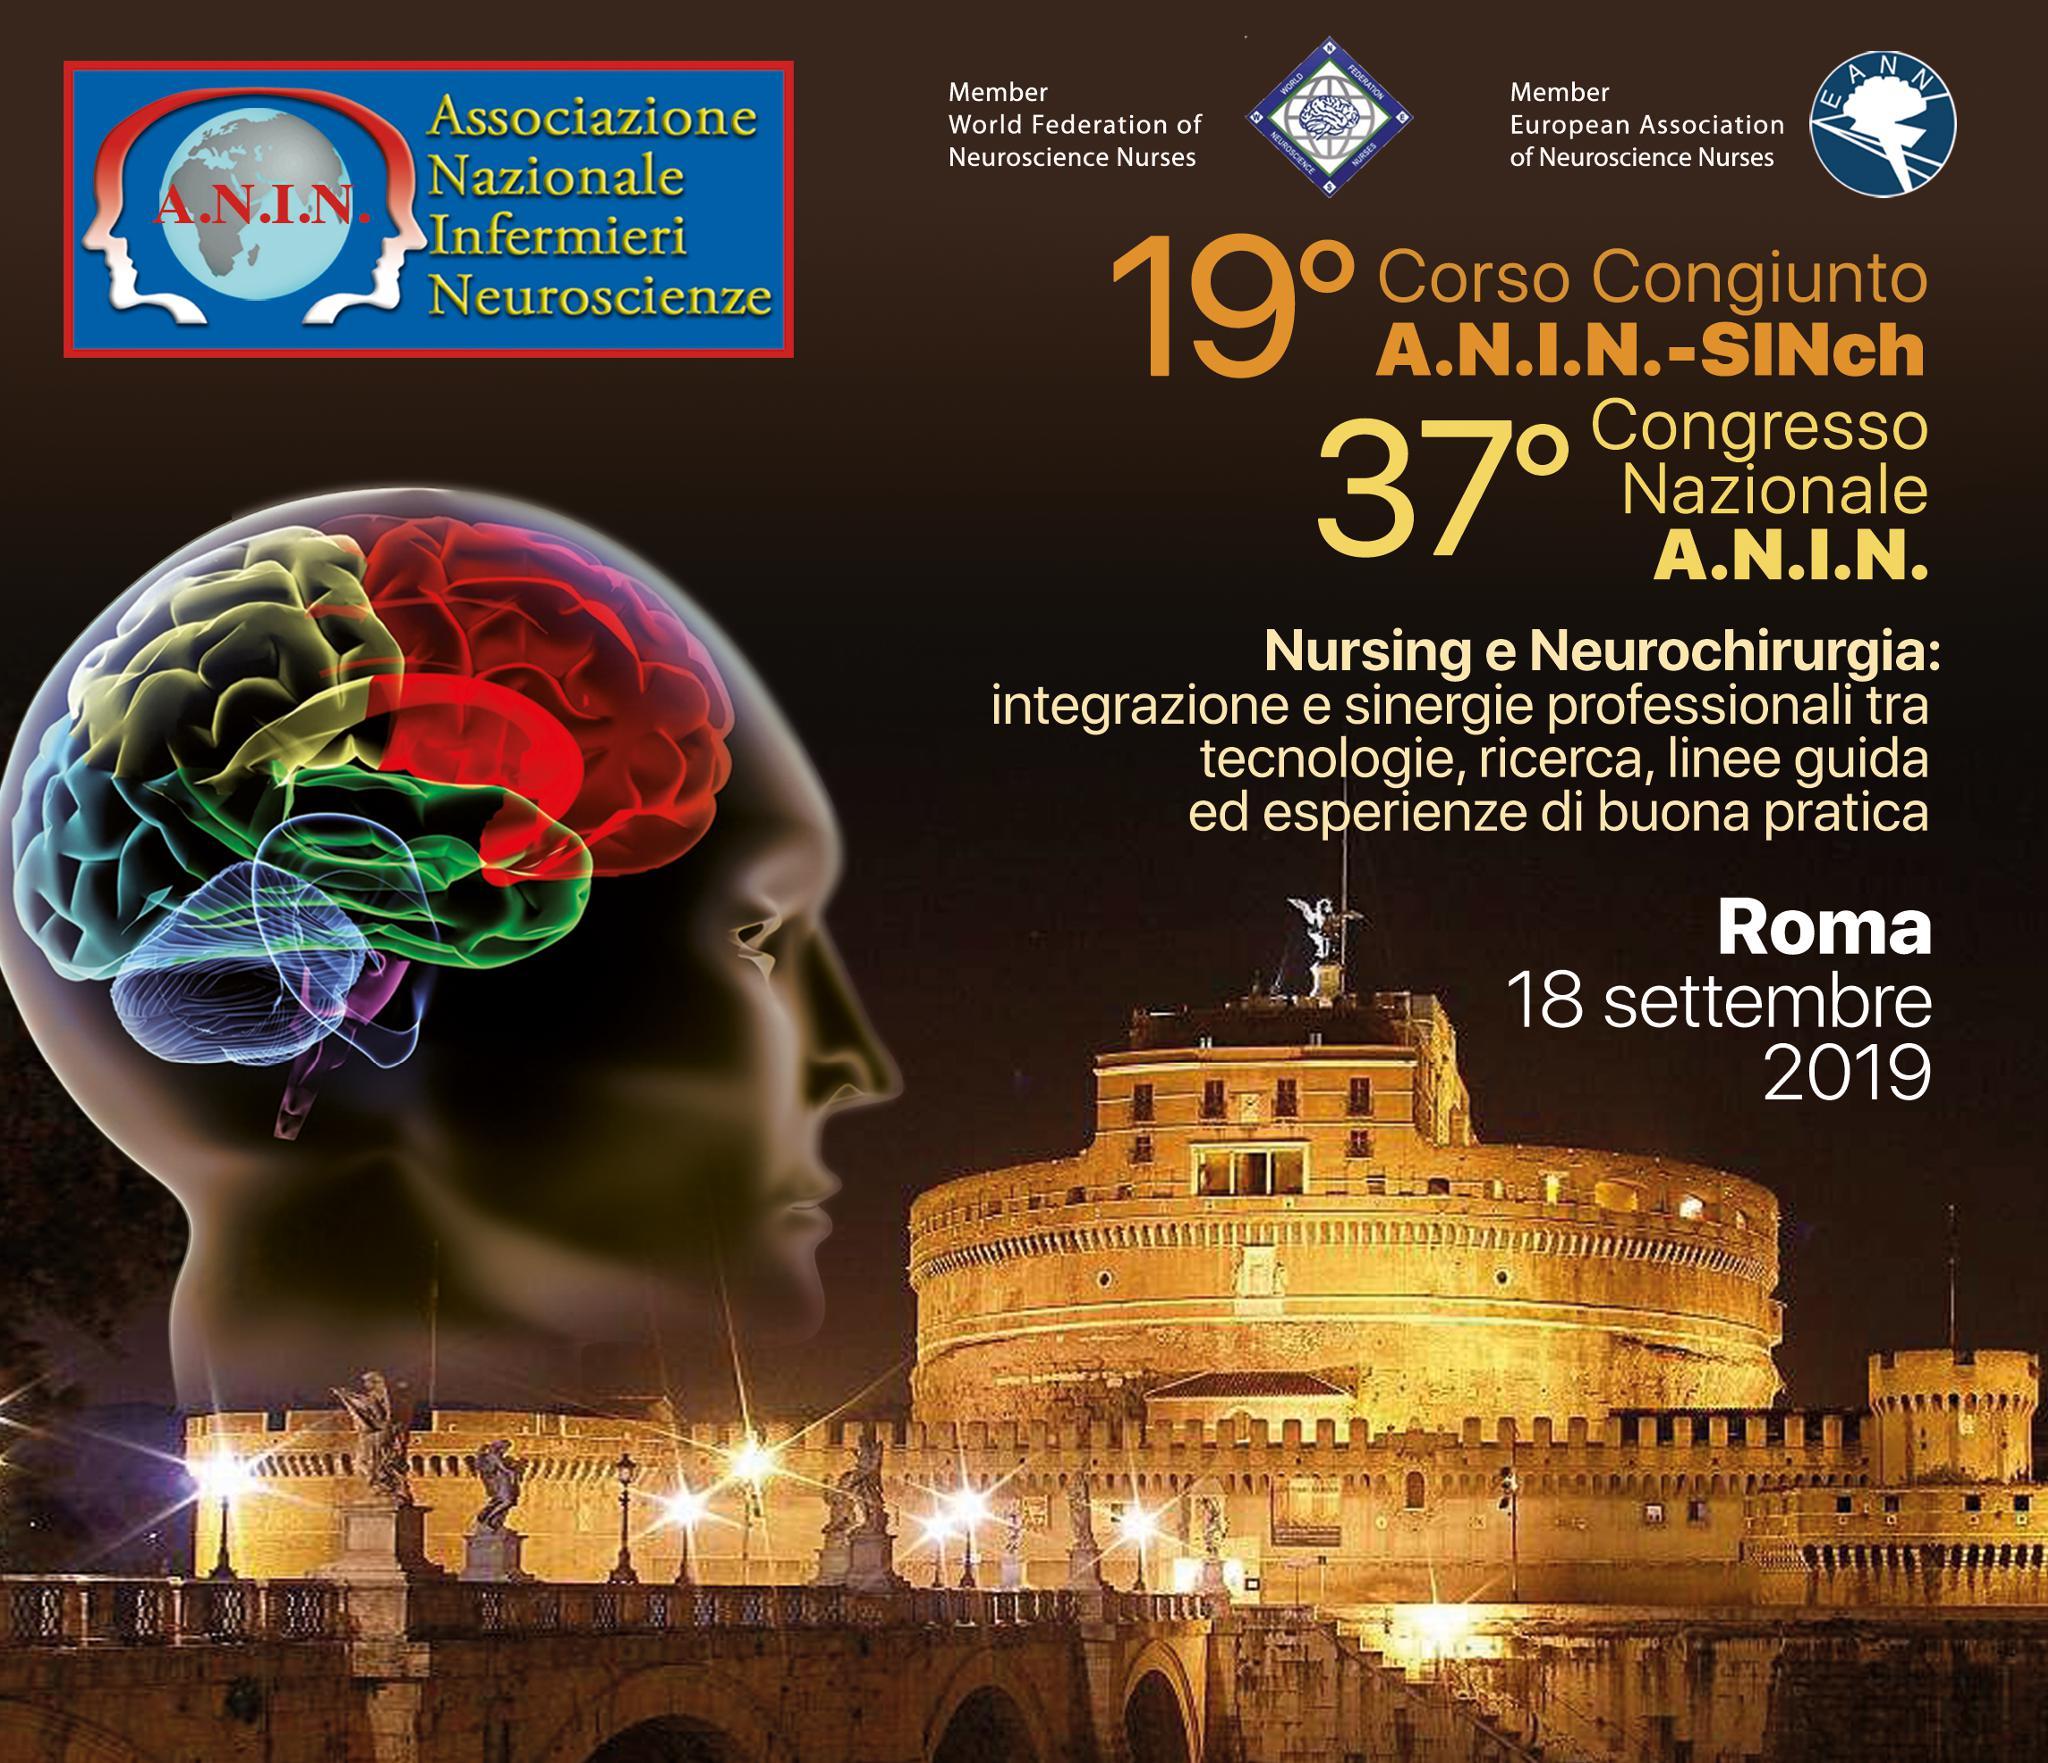 Infermieri e Neurochirurgia: evento ANIN a Roma!